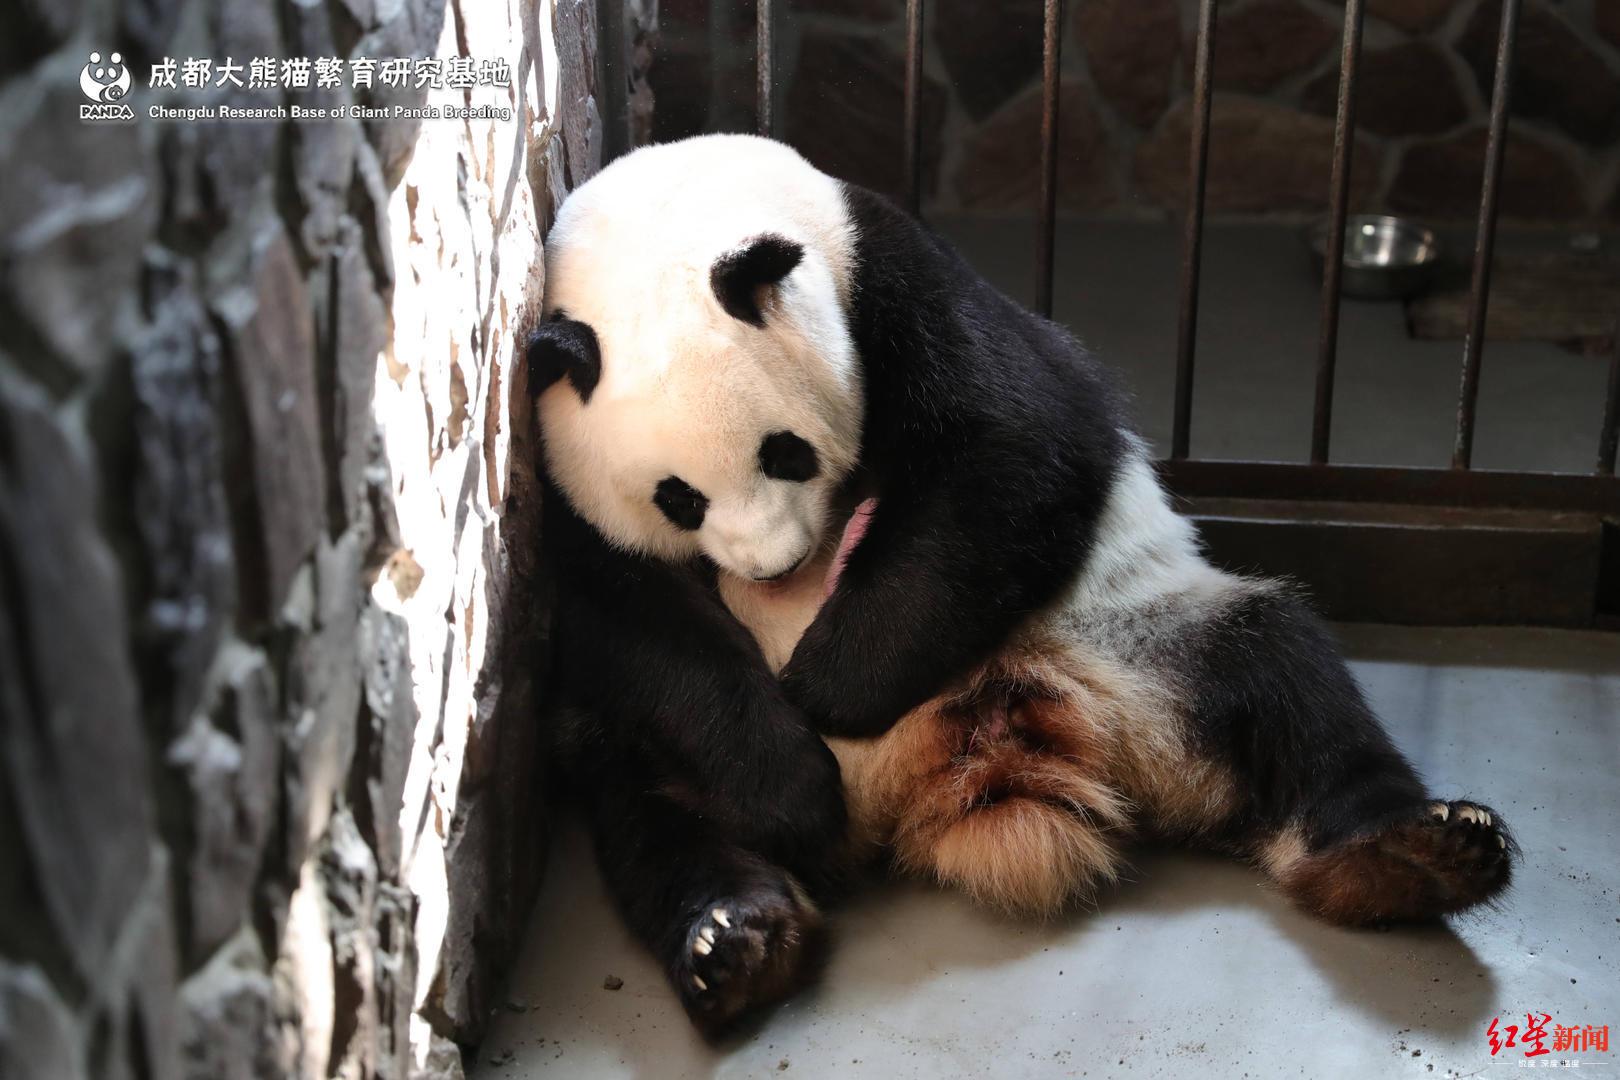 2019年首只圈养大熊猫出生照片曝光 2019年首只圈养大熊猫出生详情